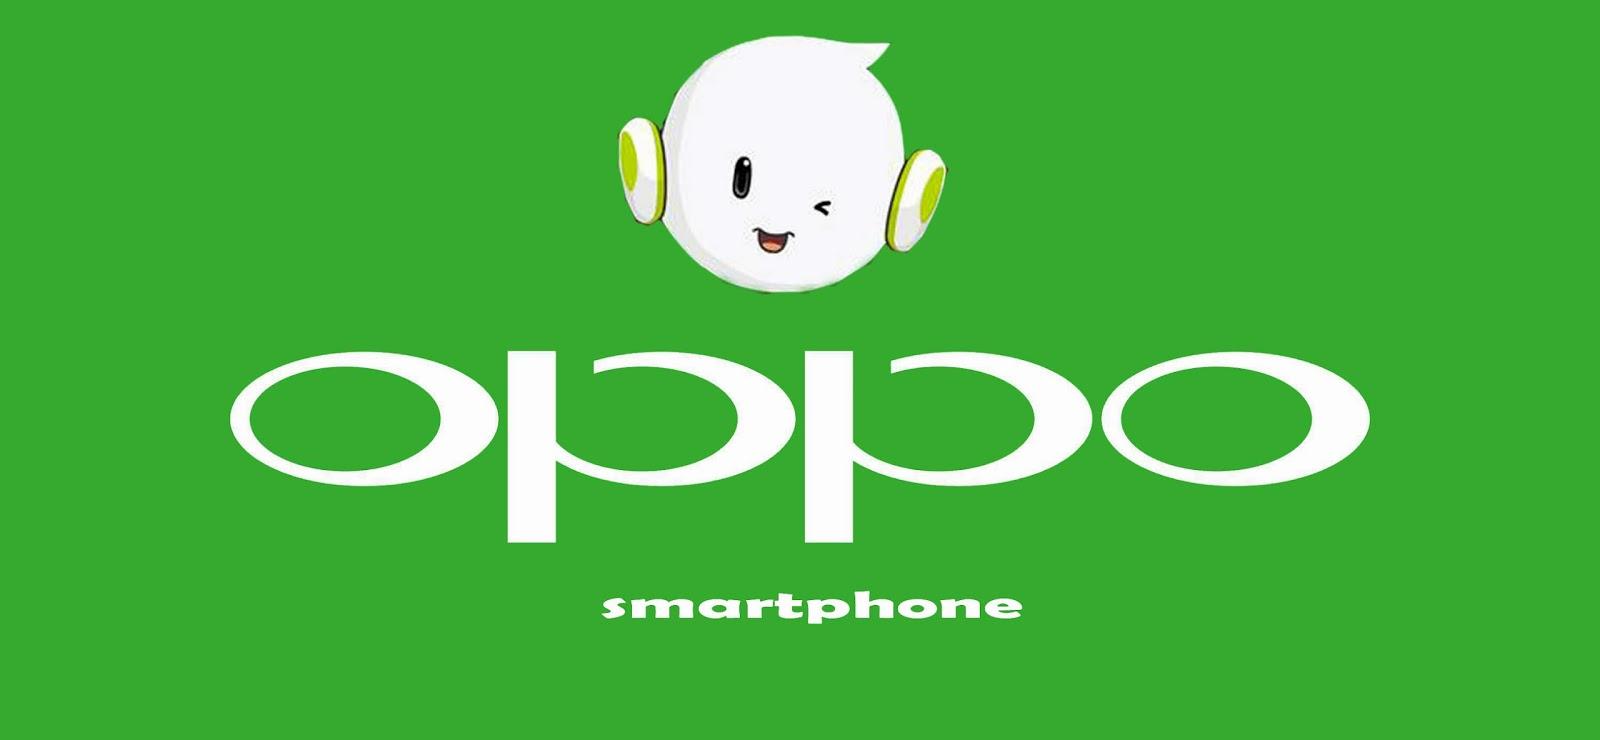 smartphones Oppo 1